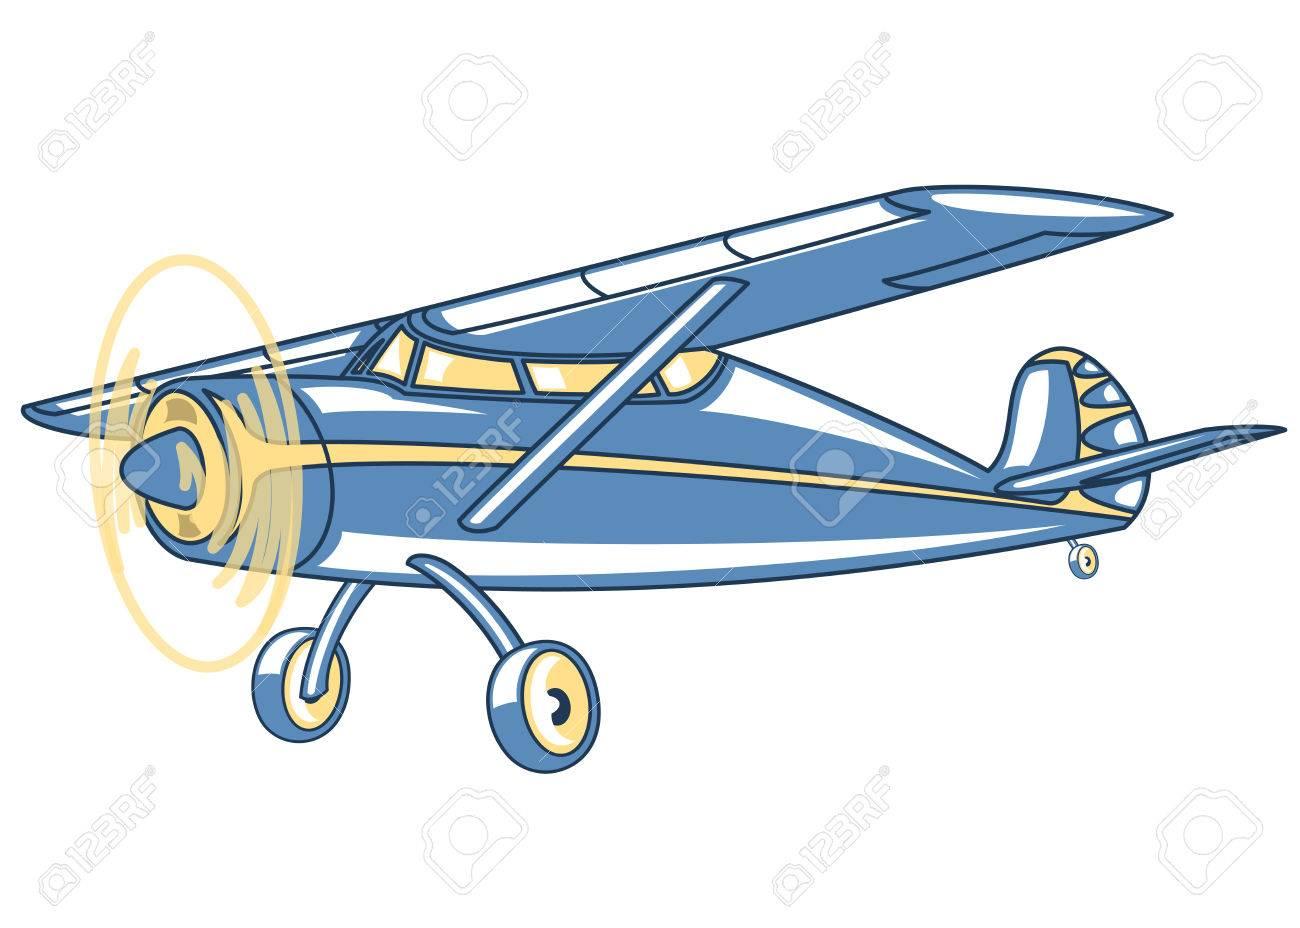 漫画のレトロな飛行機イラスト クリップ アートのイラスト素材ベクタ